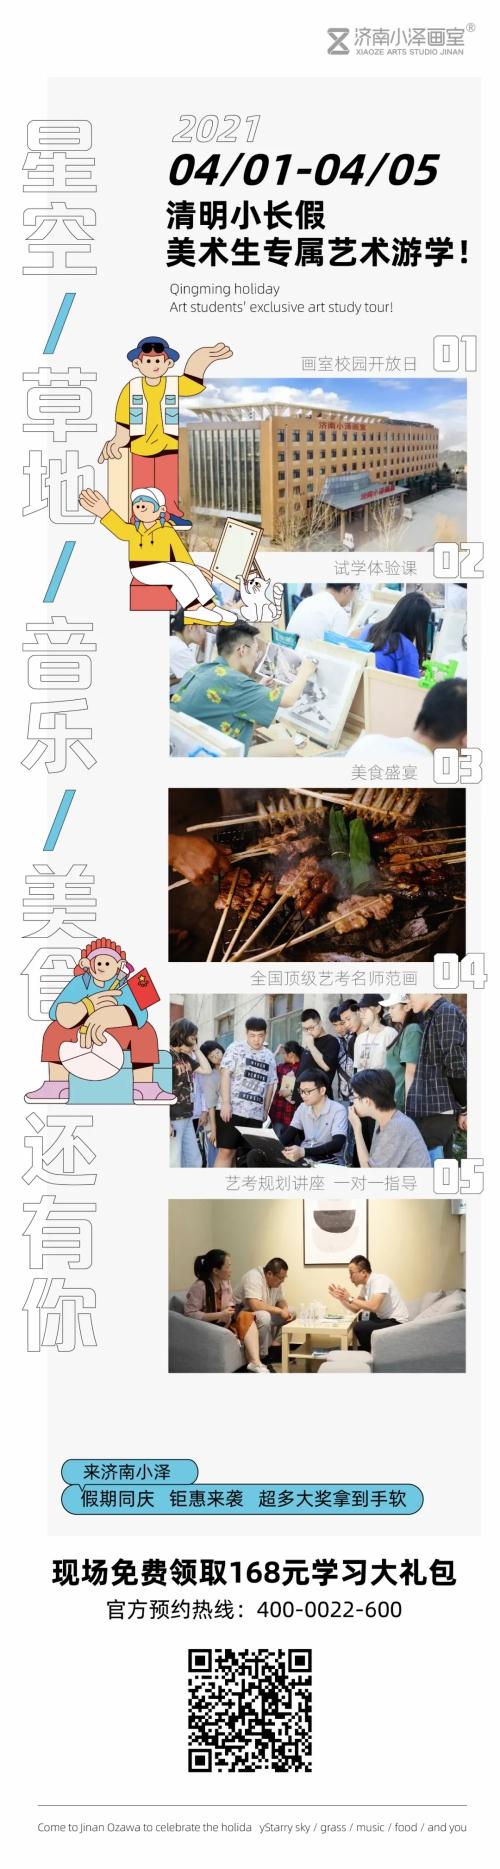 济南画室,山东画室,艺考文化课